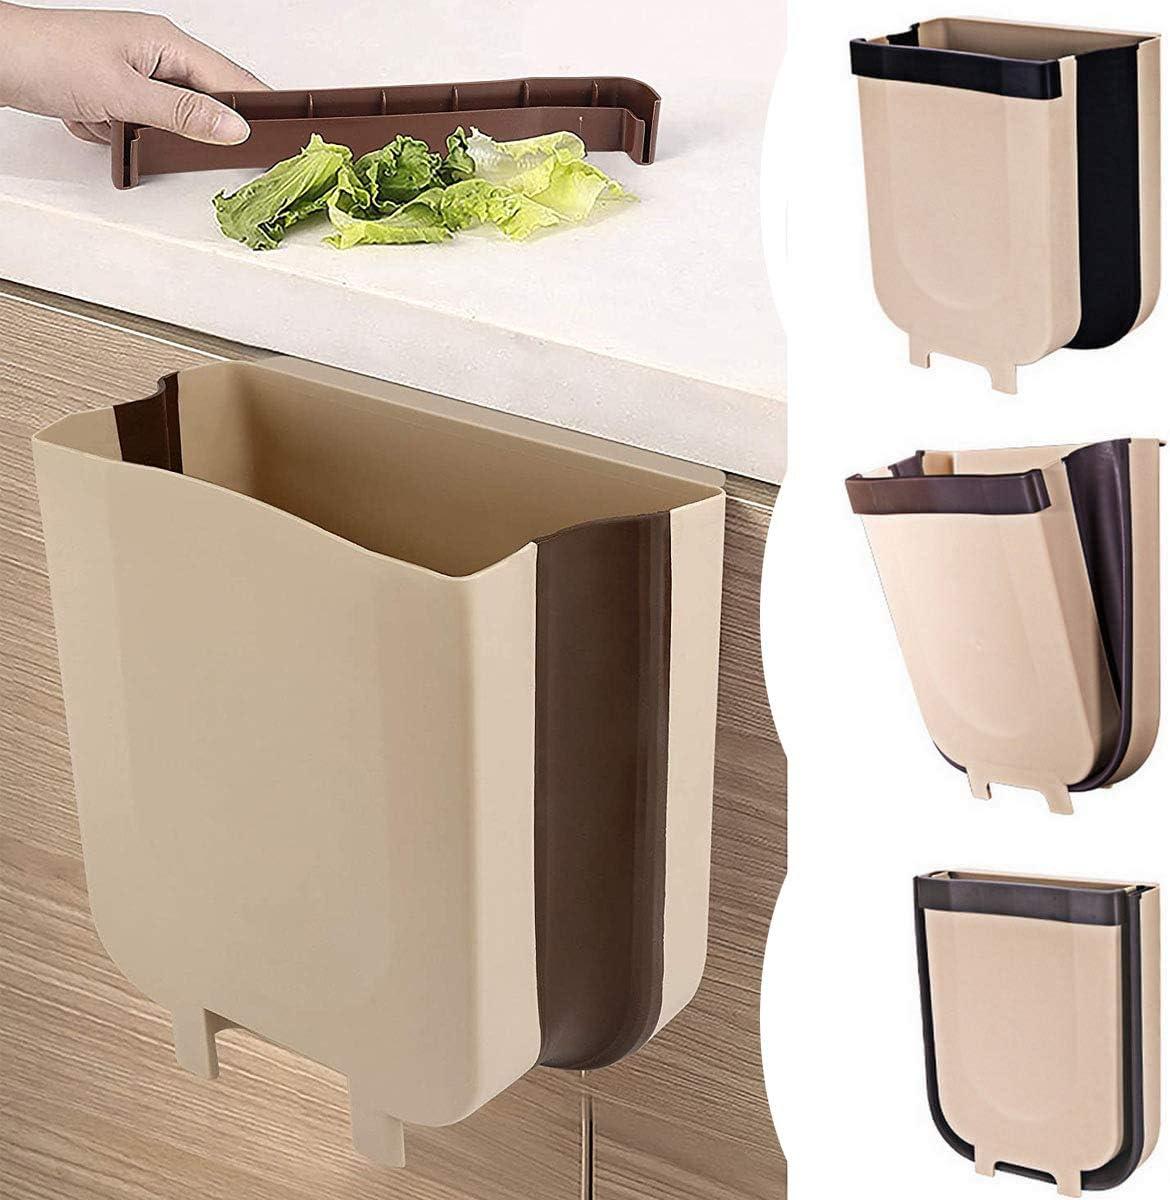 Cubo de basura plegable Tang Yuan para cocina, oficina, dormitorio (9 litros)